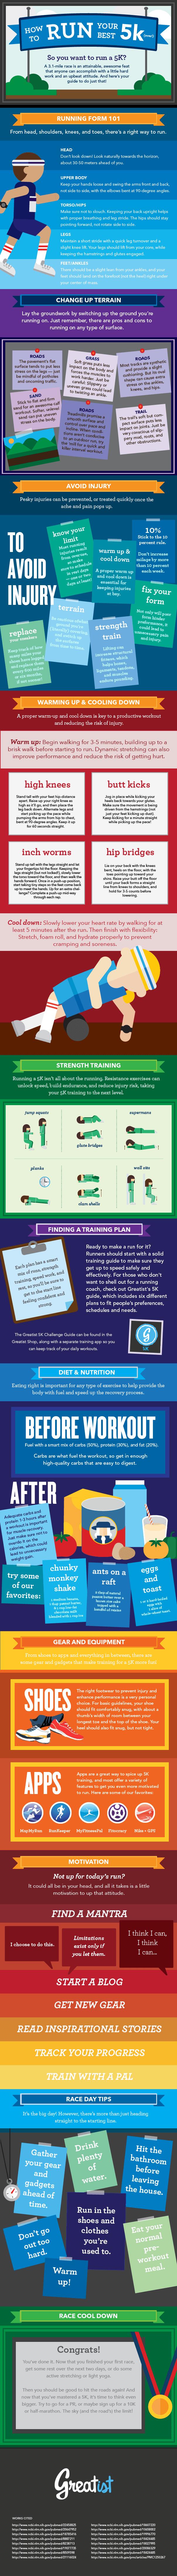 Πως να τρέξεις τα καλύτερα σου 5 χιλιόμετρα - Infographic 1